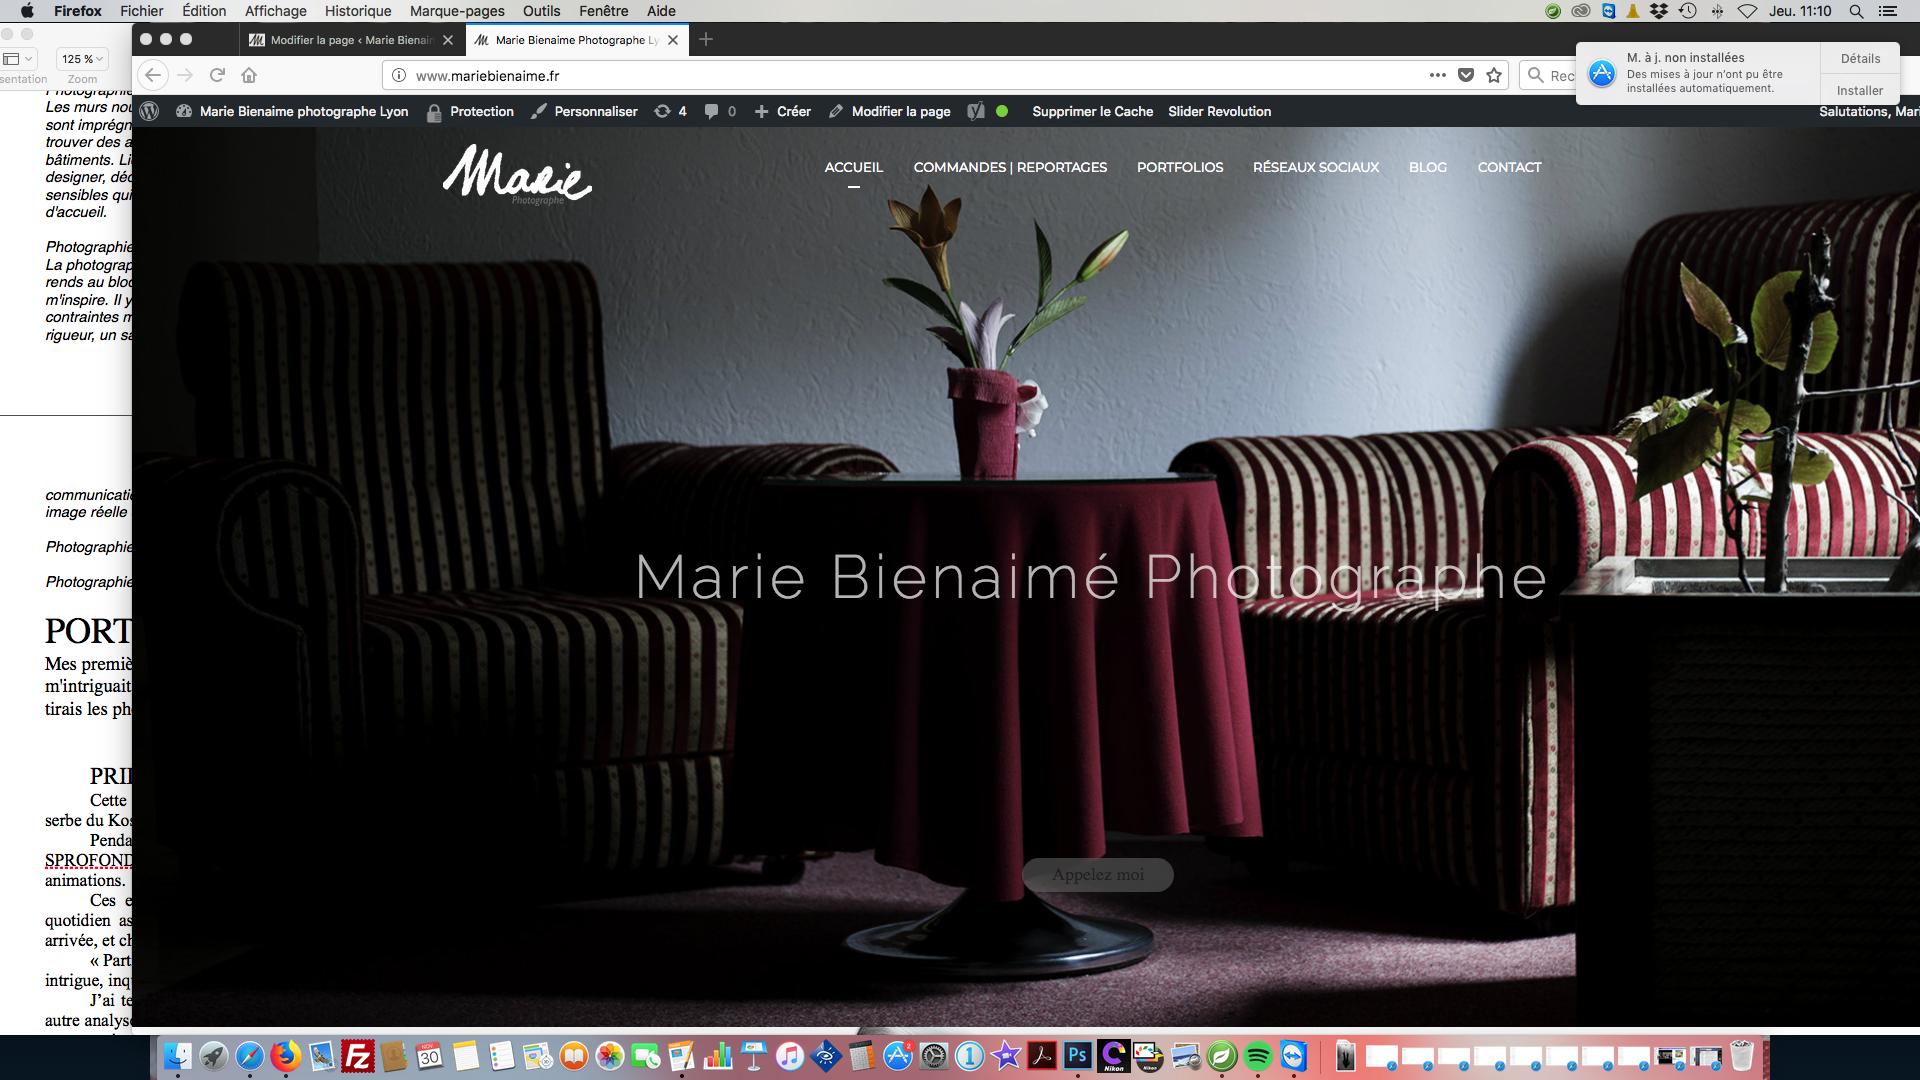 marie bienaime, photographe professionnel lyon, photographe lyon, artiste photographe, nouveau site